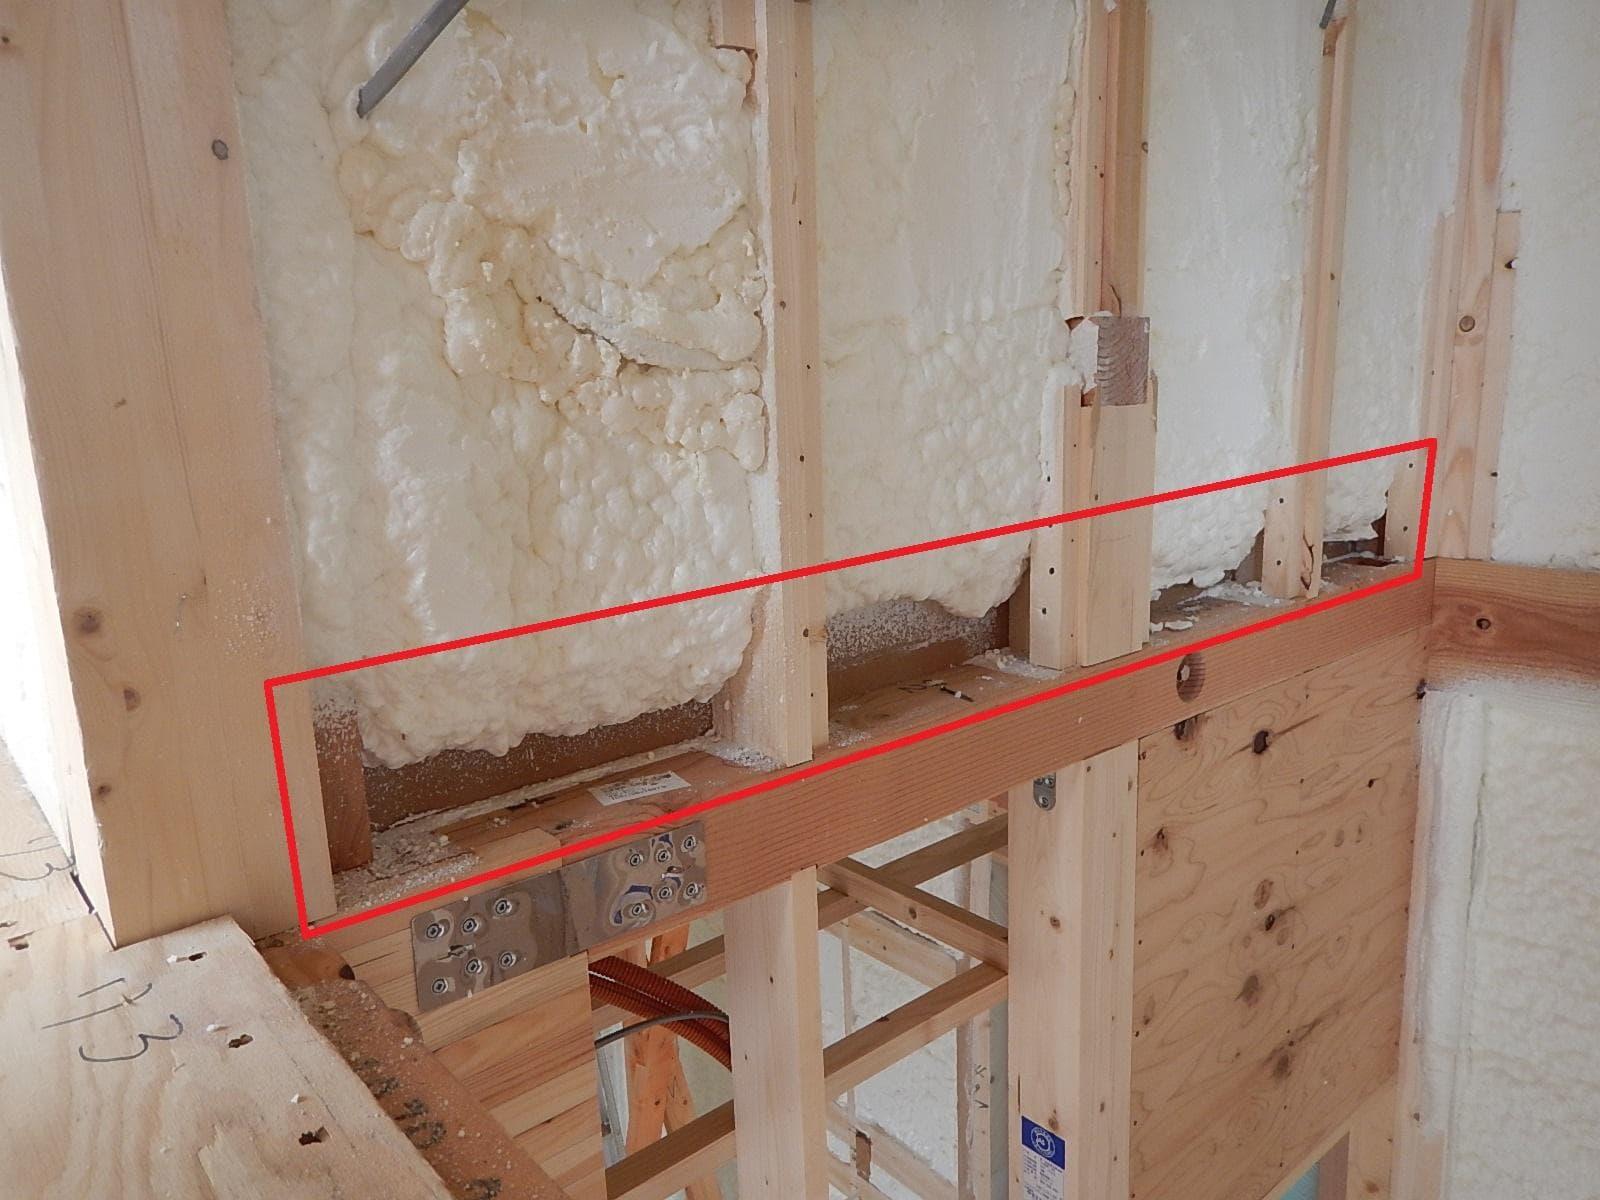 新築一戸建て工事中に発覚した不具合